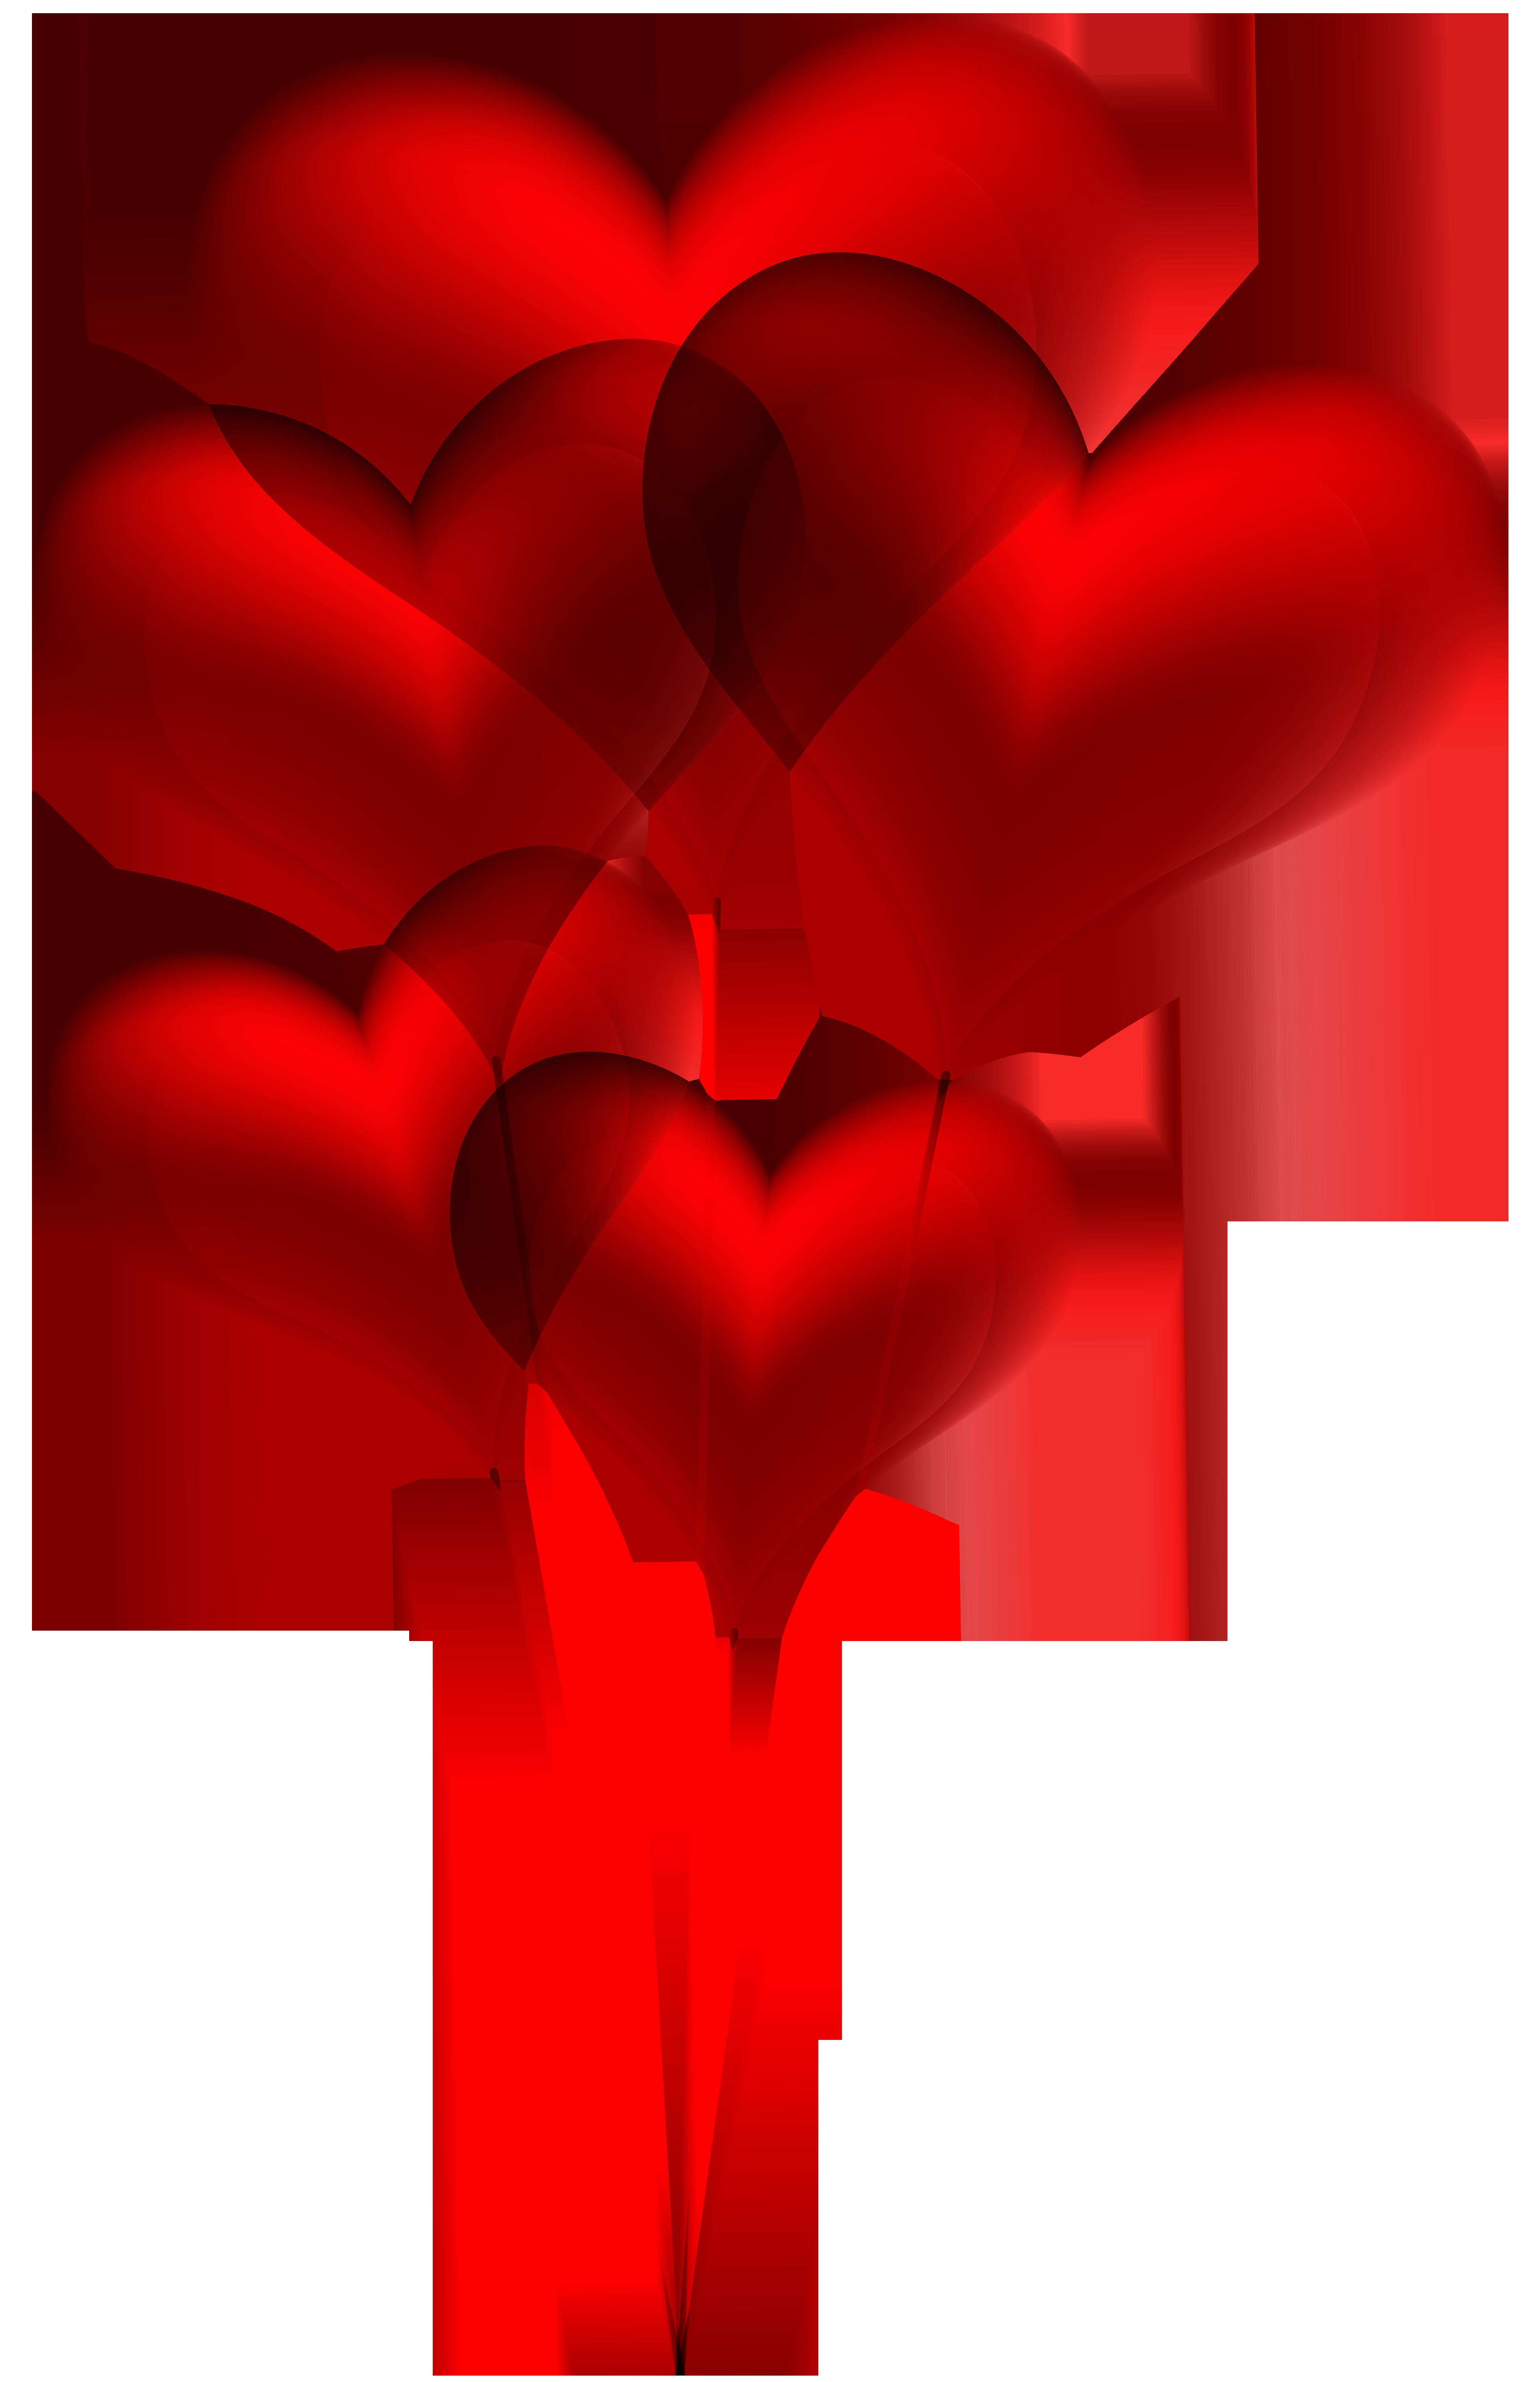 3854x5960 Red Heart Balloons Transparent Png Clip Art Imageu200b Gallery